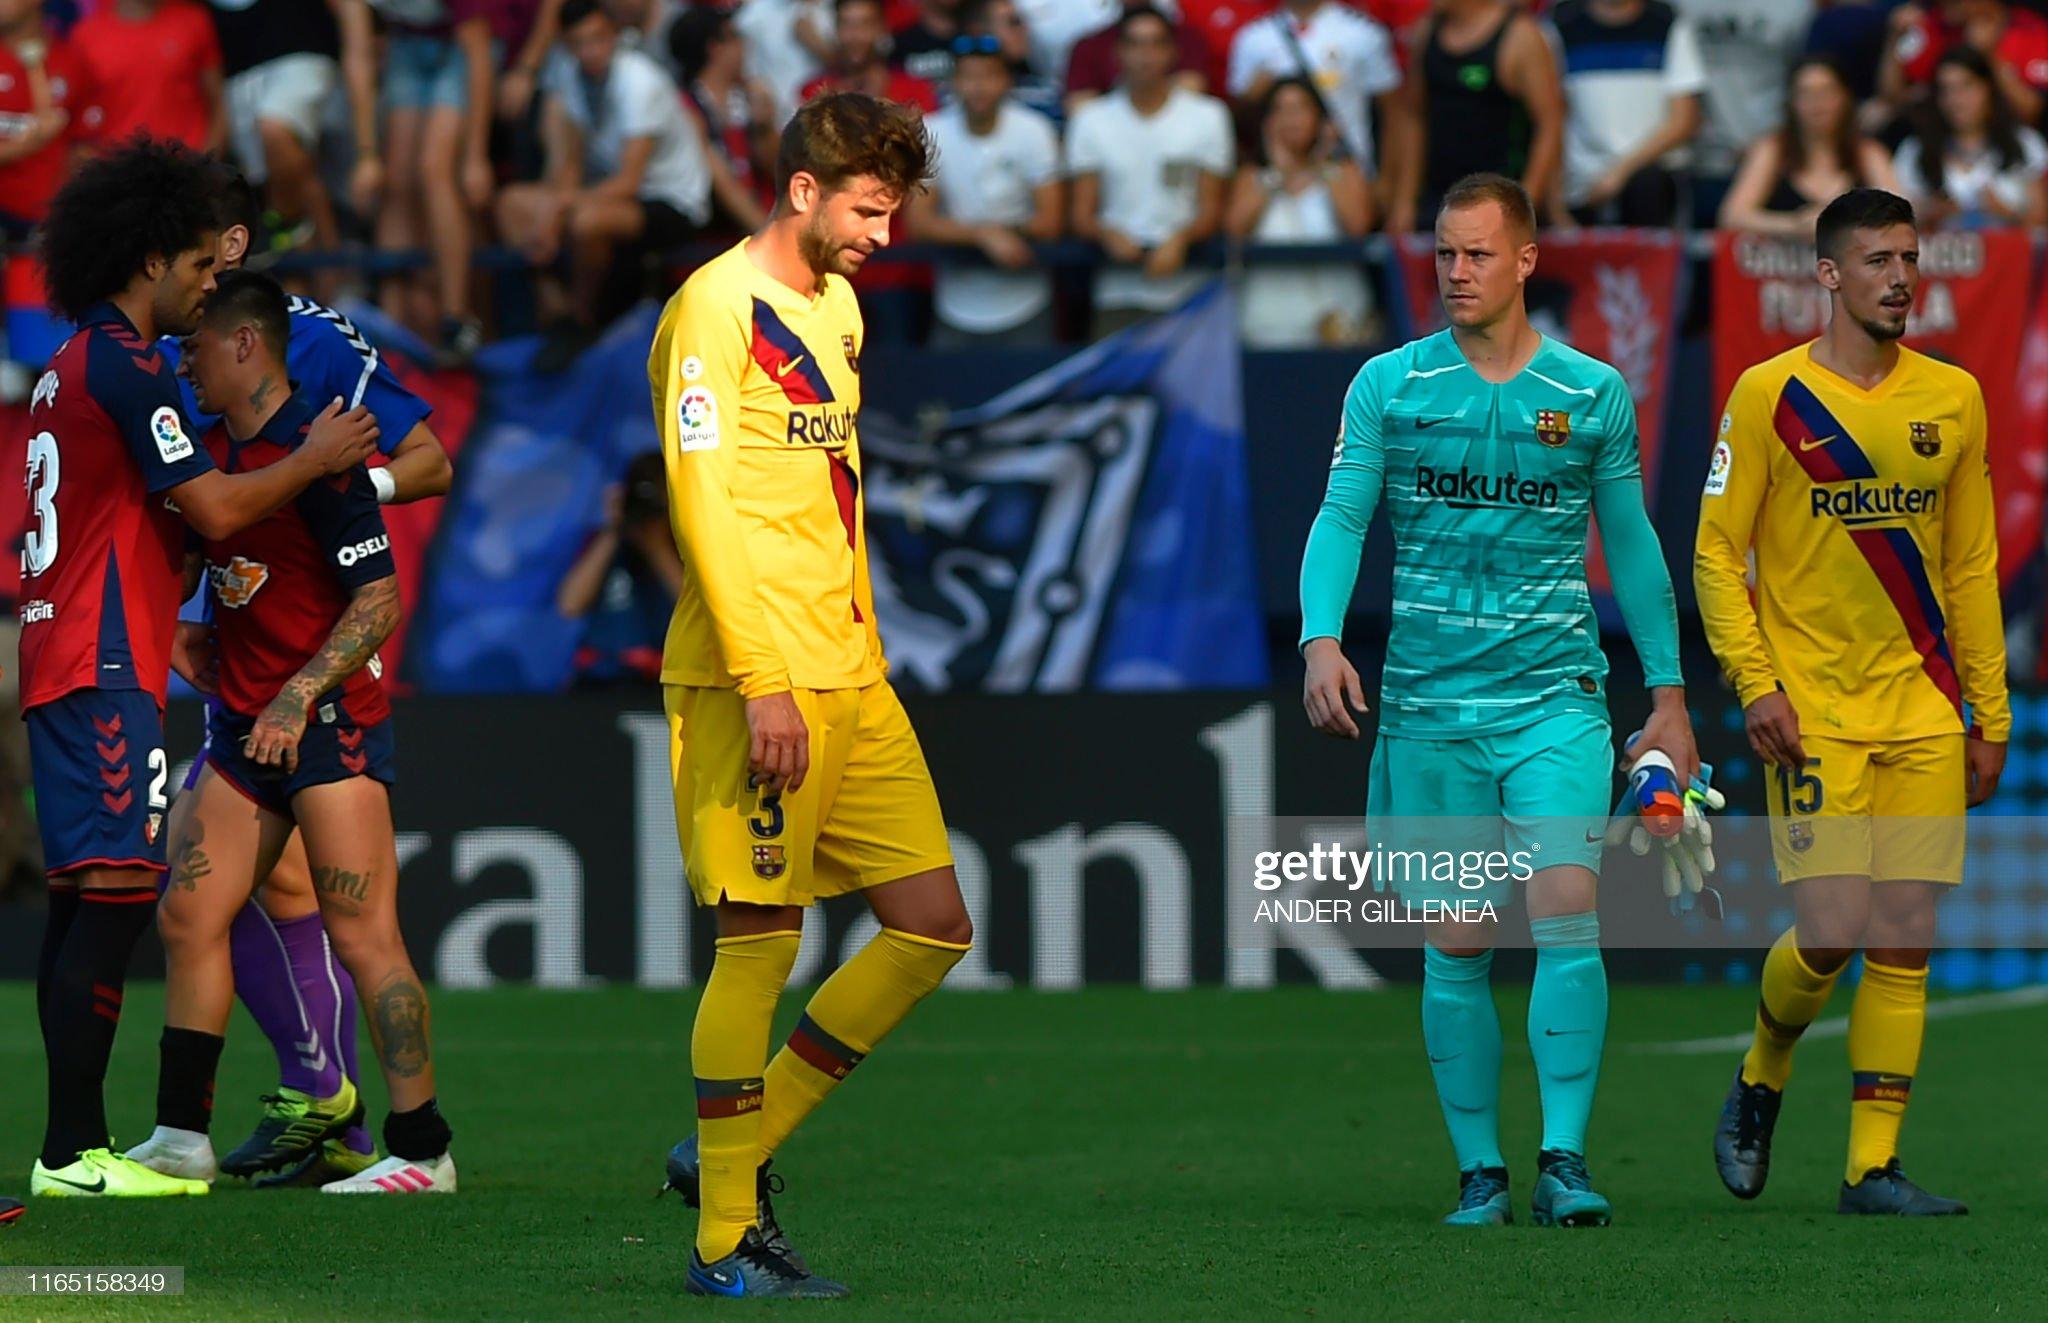 صور مباراة : أوساسونا - برشلونة 2-2 ( 31-08-2019 )  Barcelonas-spanish-defender-gerard-pique-reacts-after-the-spanish-picture-id1165158349?s=2048x2048